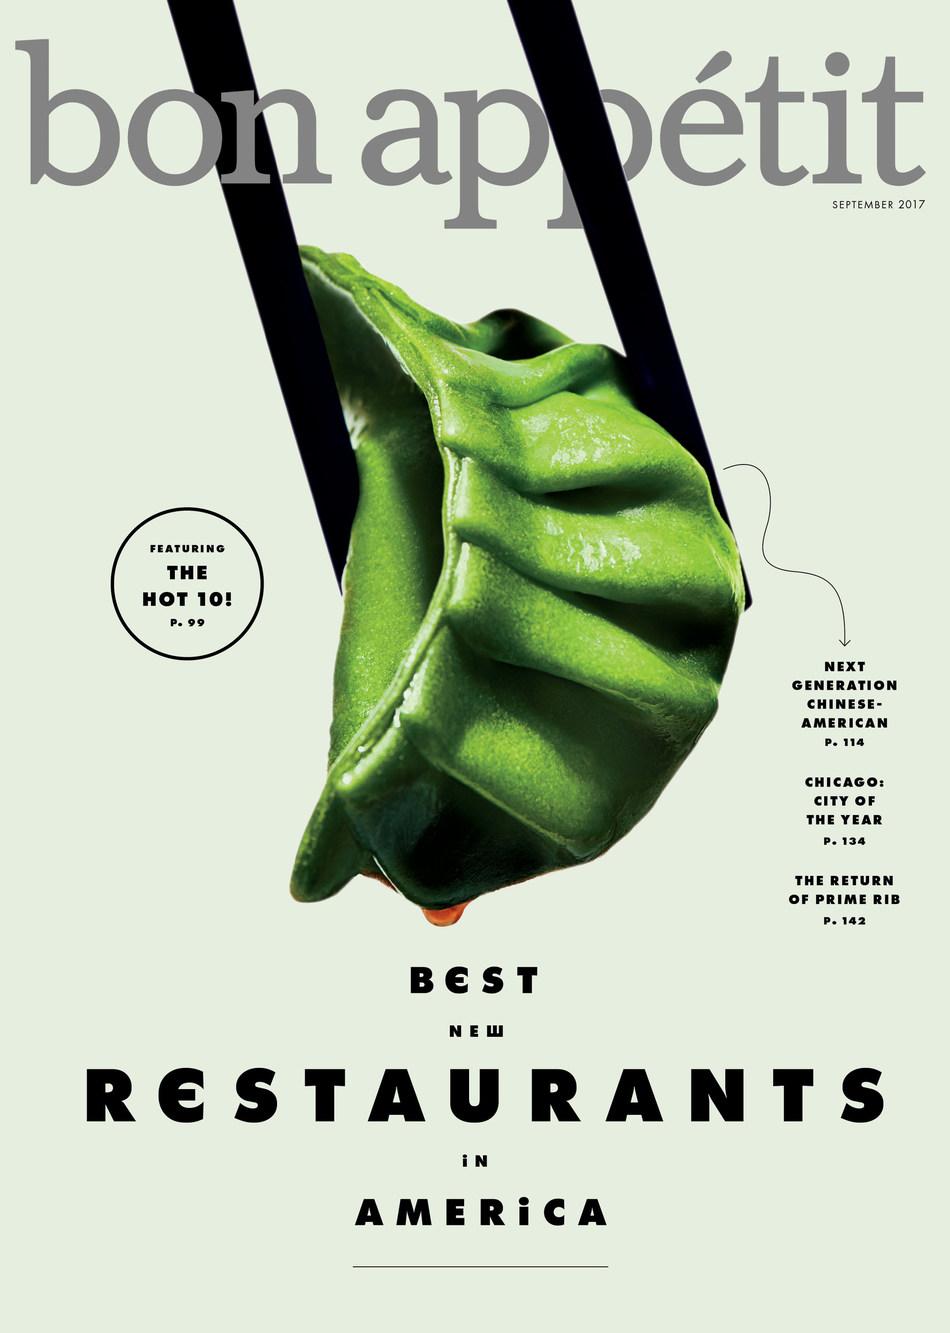 Bon Appétit's Restaurant Issue, September 2017